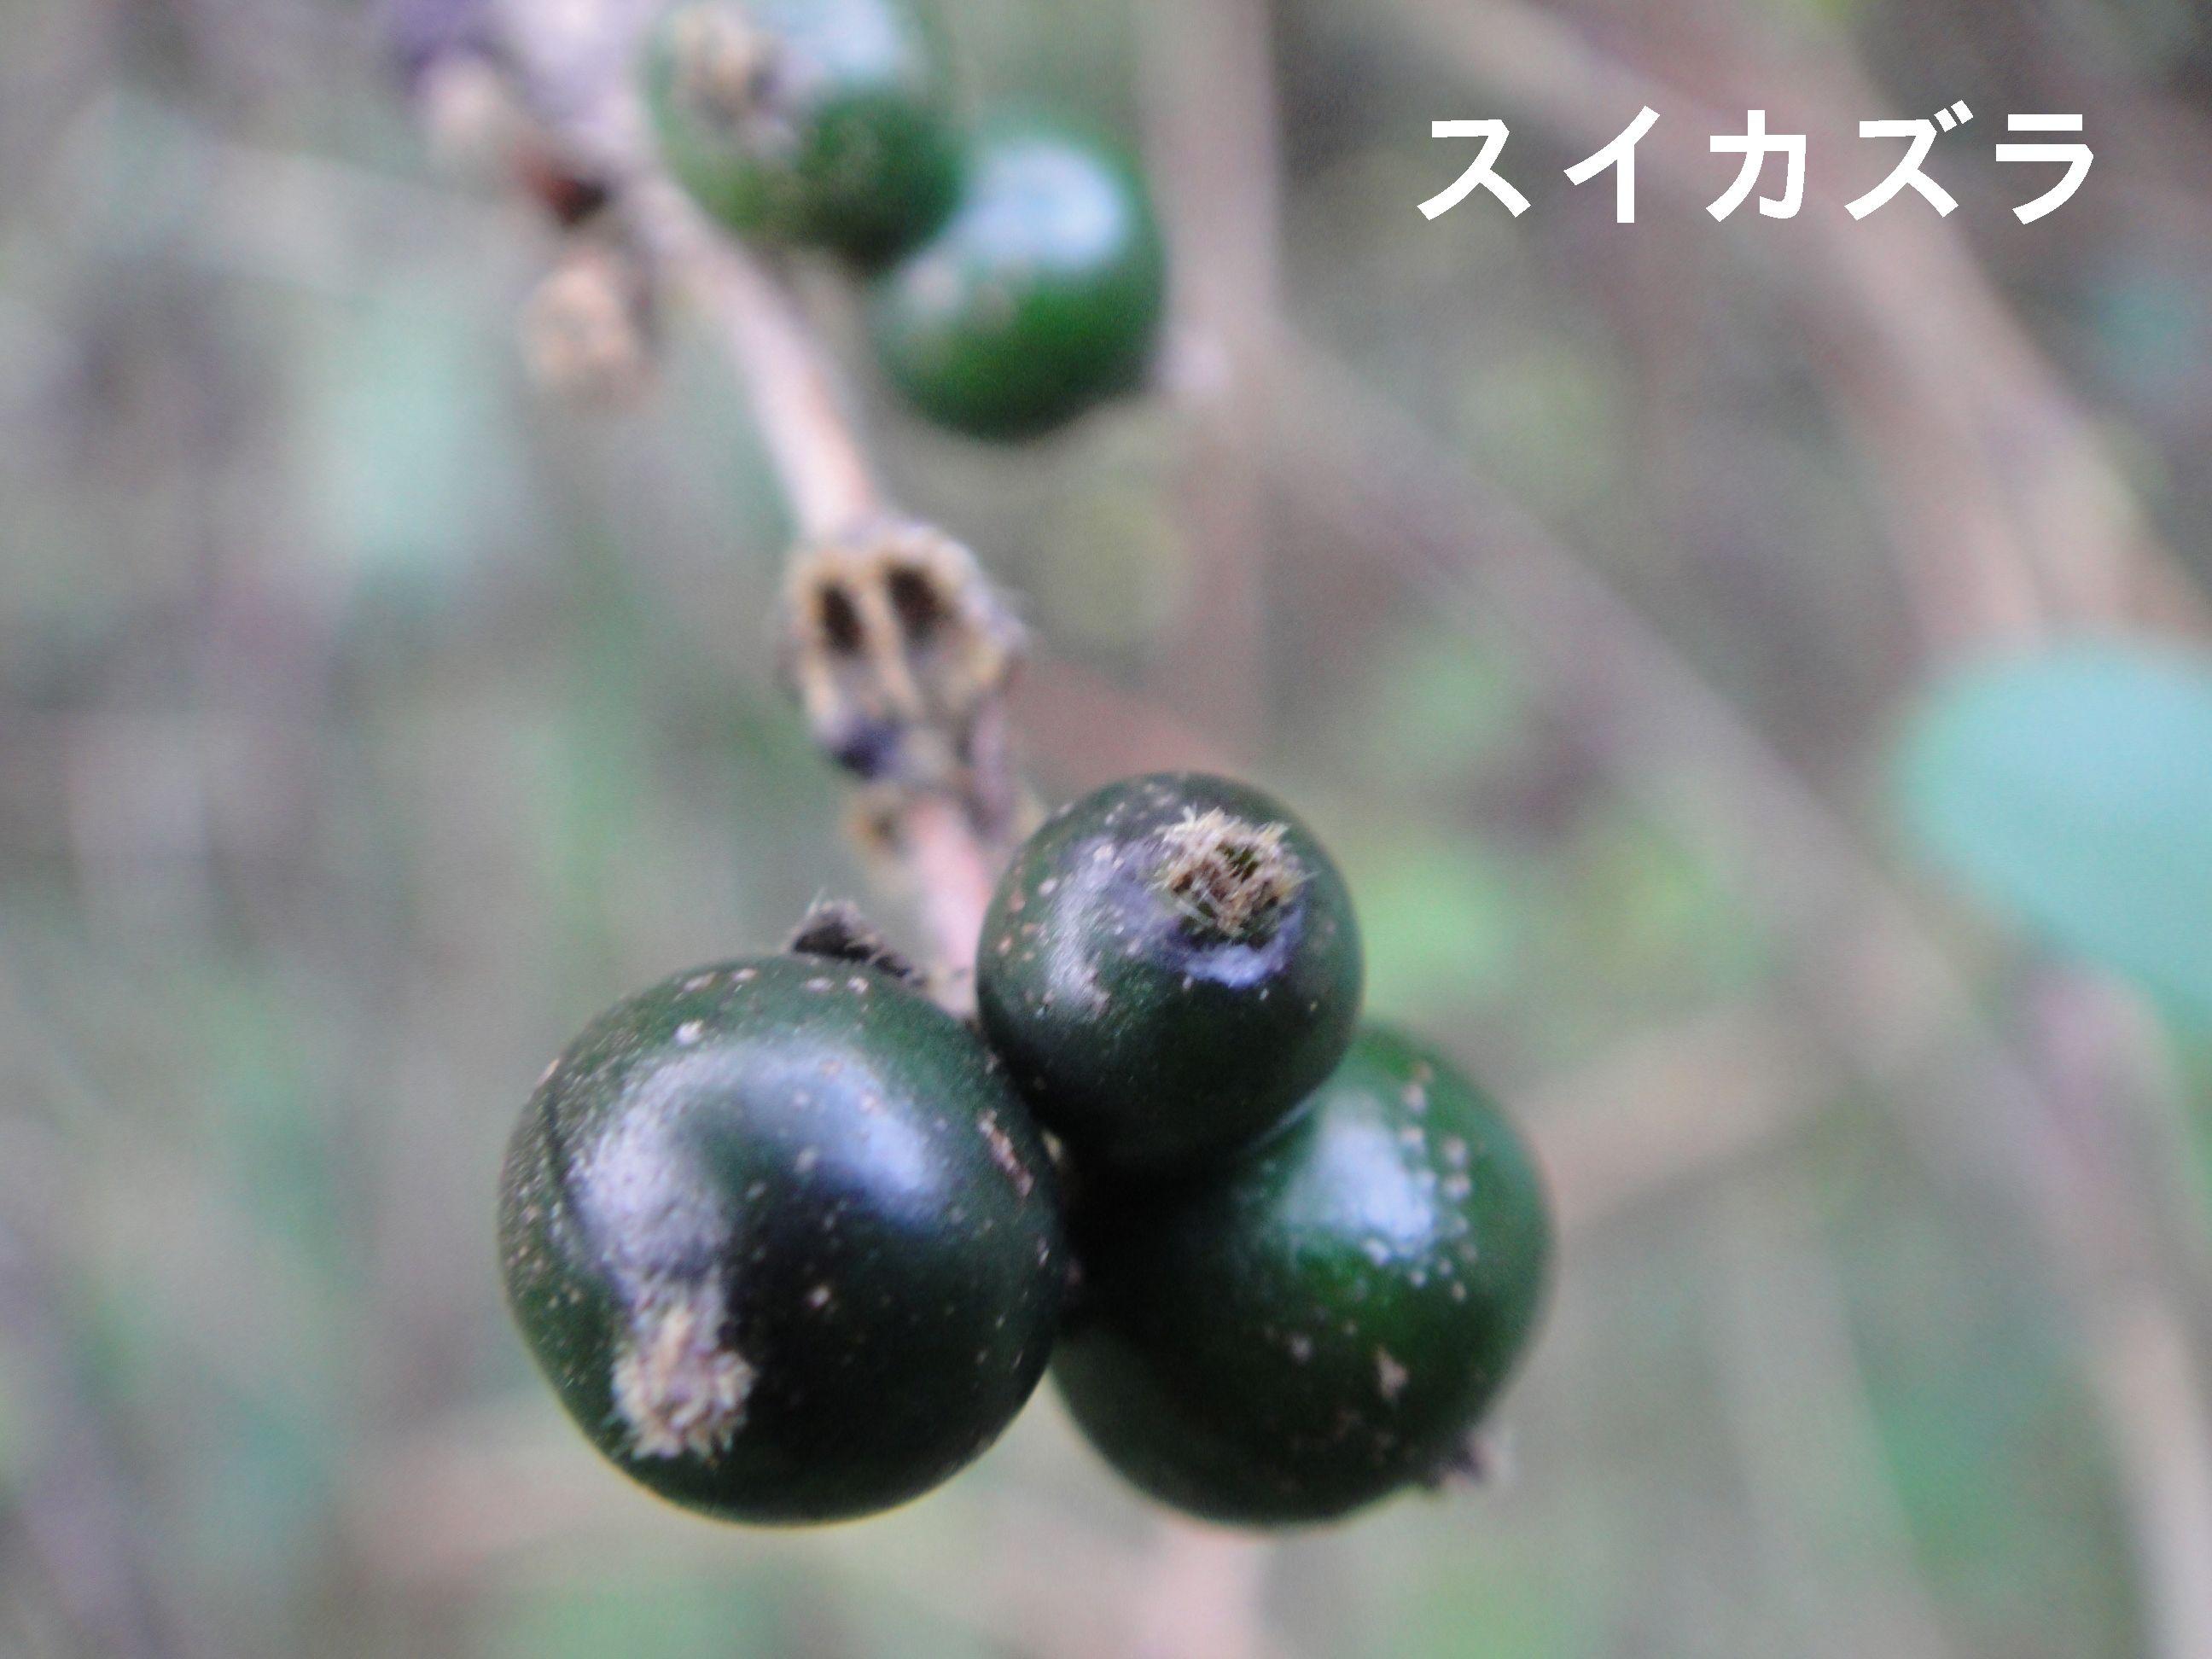 H23年11月度植物調査_c0108460_16563927.jpg